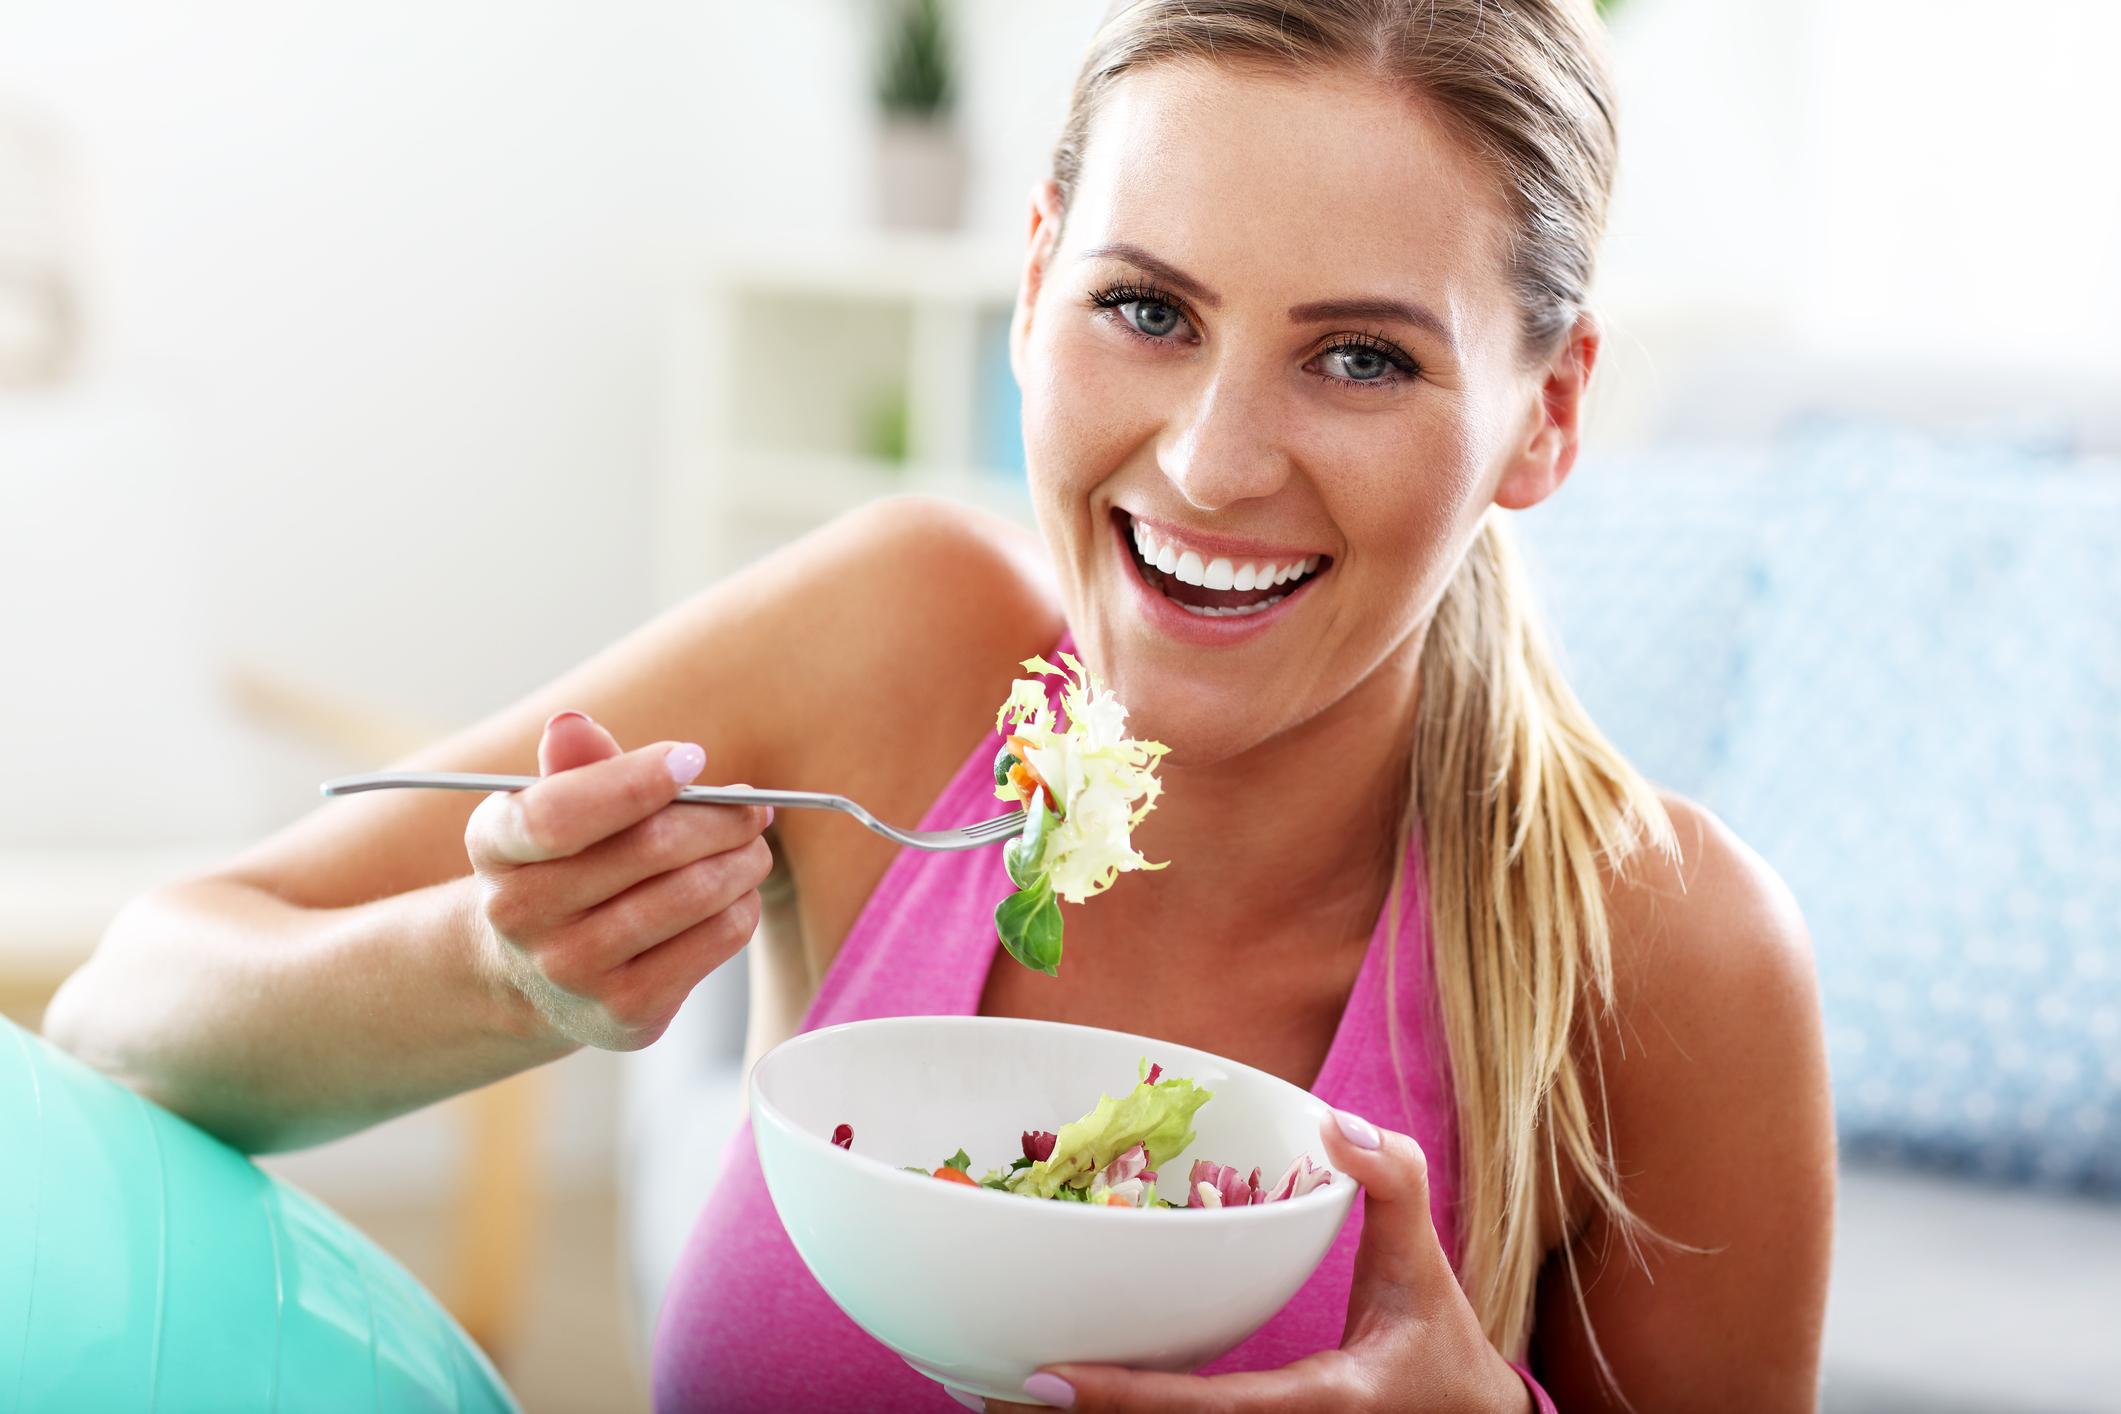 Frühling, Salat, Obst, Gemüse, basische Ernährung, Säure-Basen-Haushalt